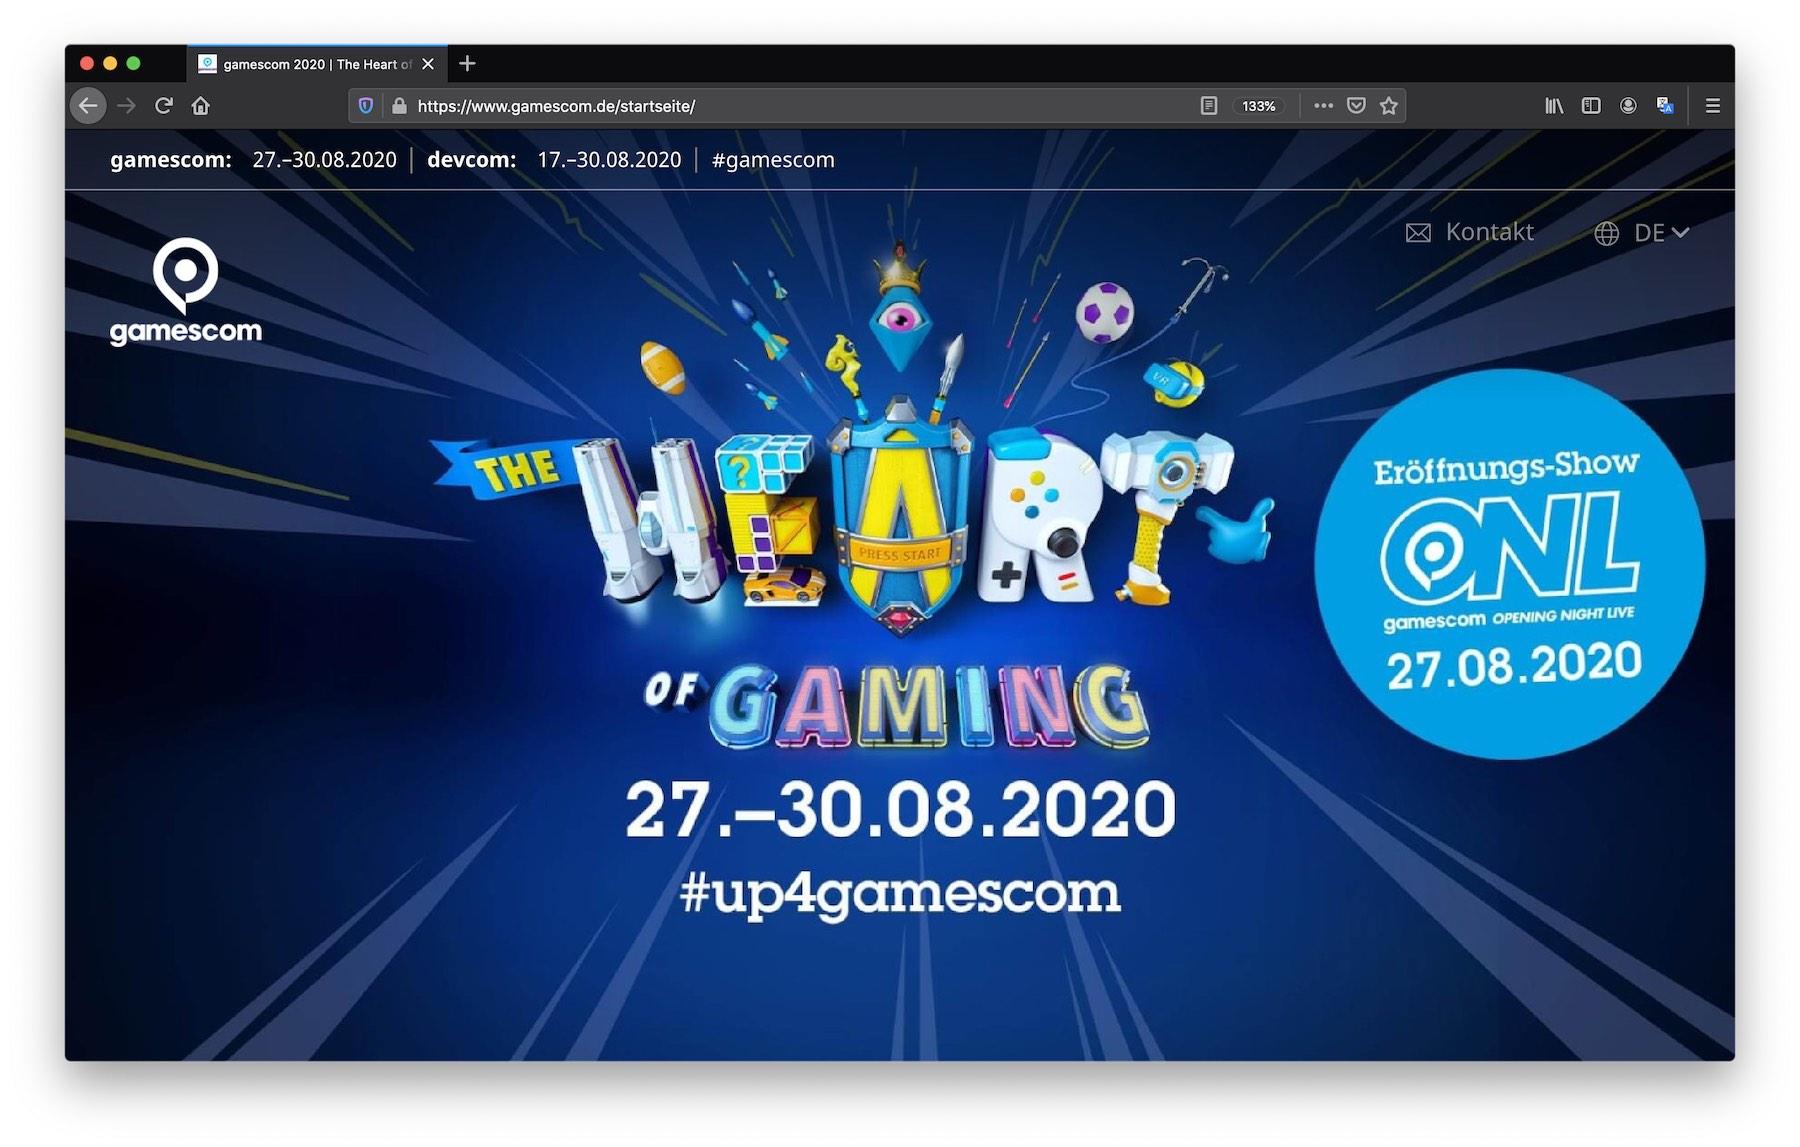 gamescom 2020 Live-Video-Event